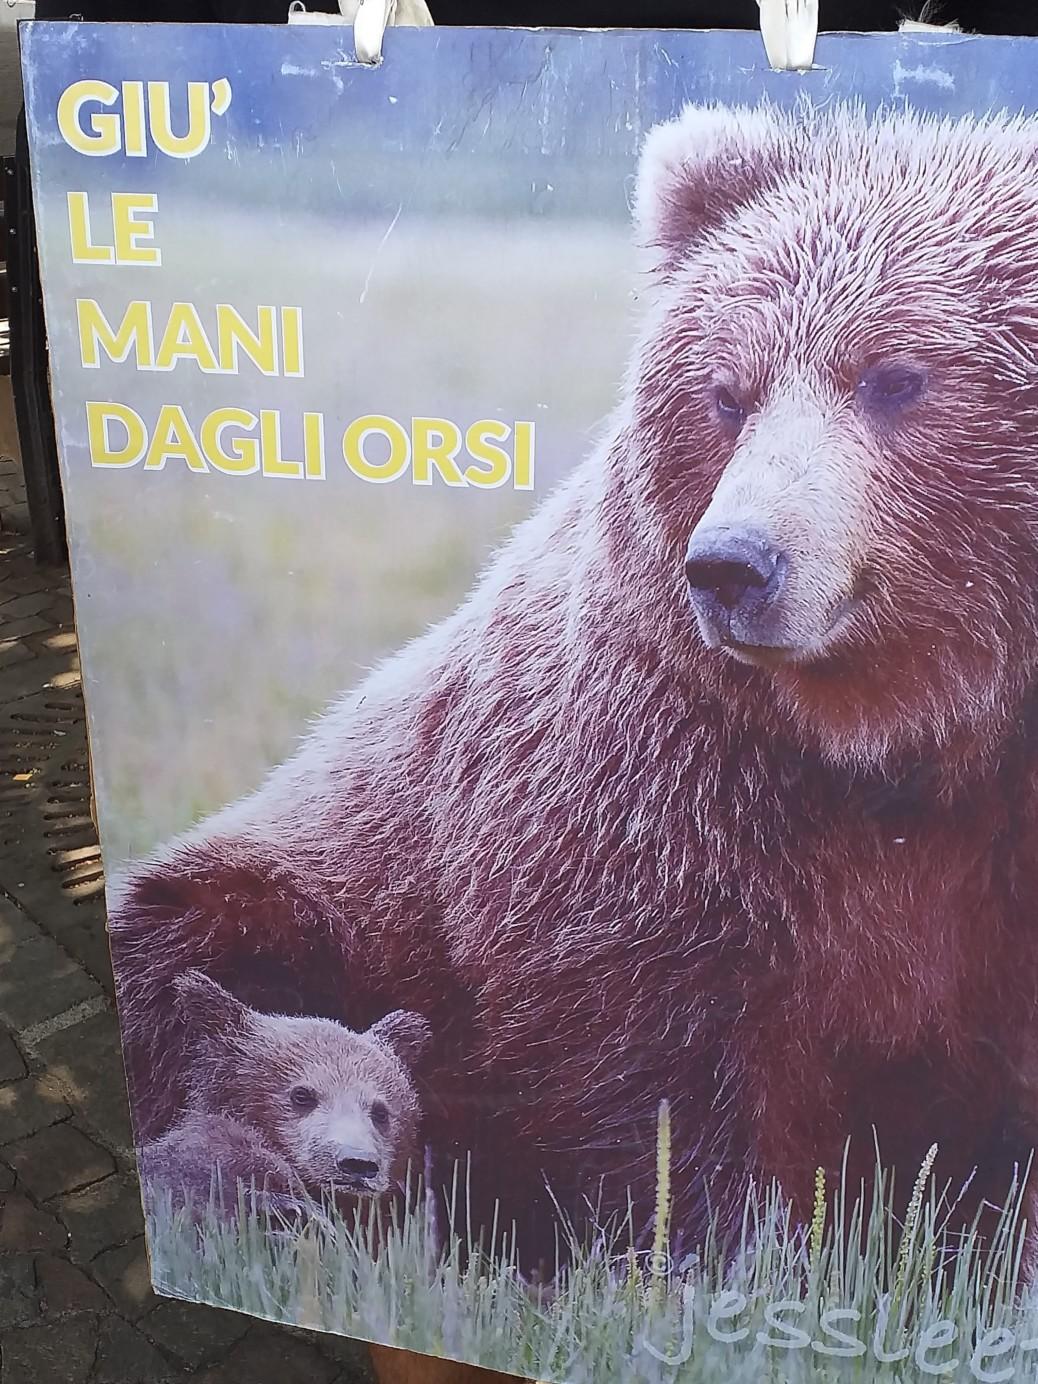 20190713 121850 1038x1384 - Manifestazione pro M49 - Trento13 luglio 2019 - Critiche ed osservazioni all'evento e al deludente mondo animalista